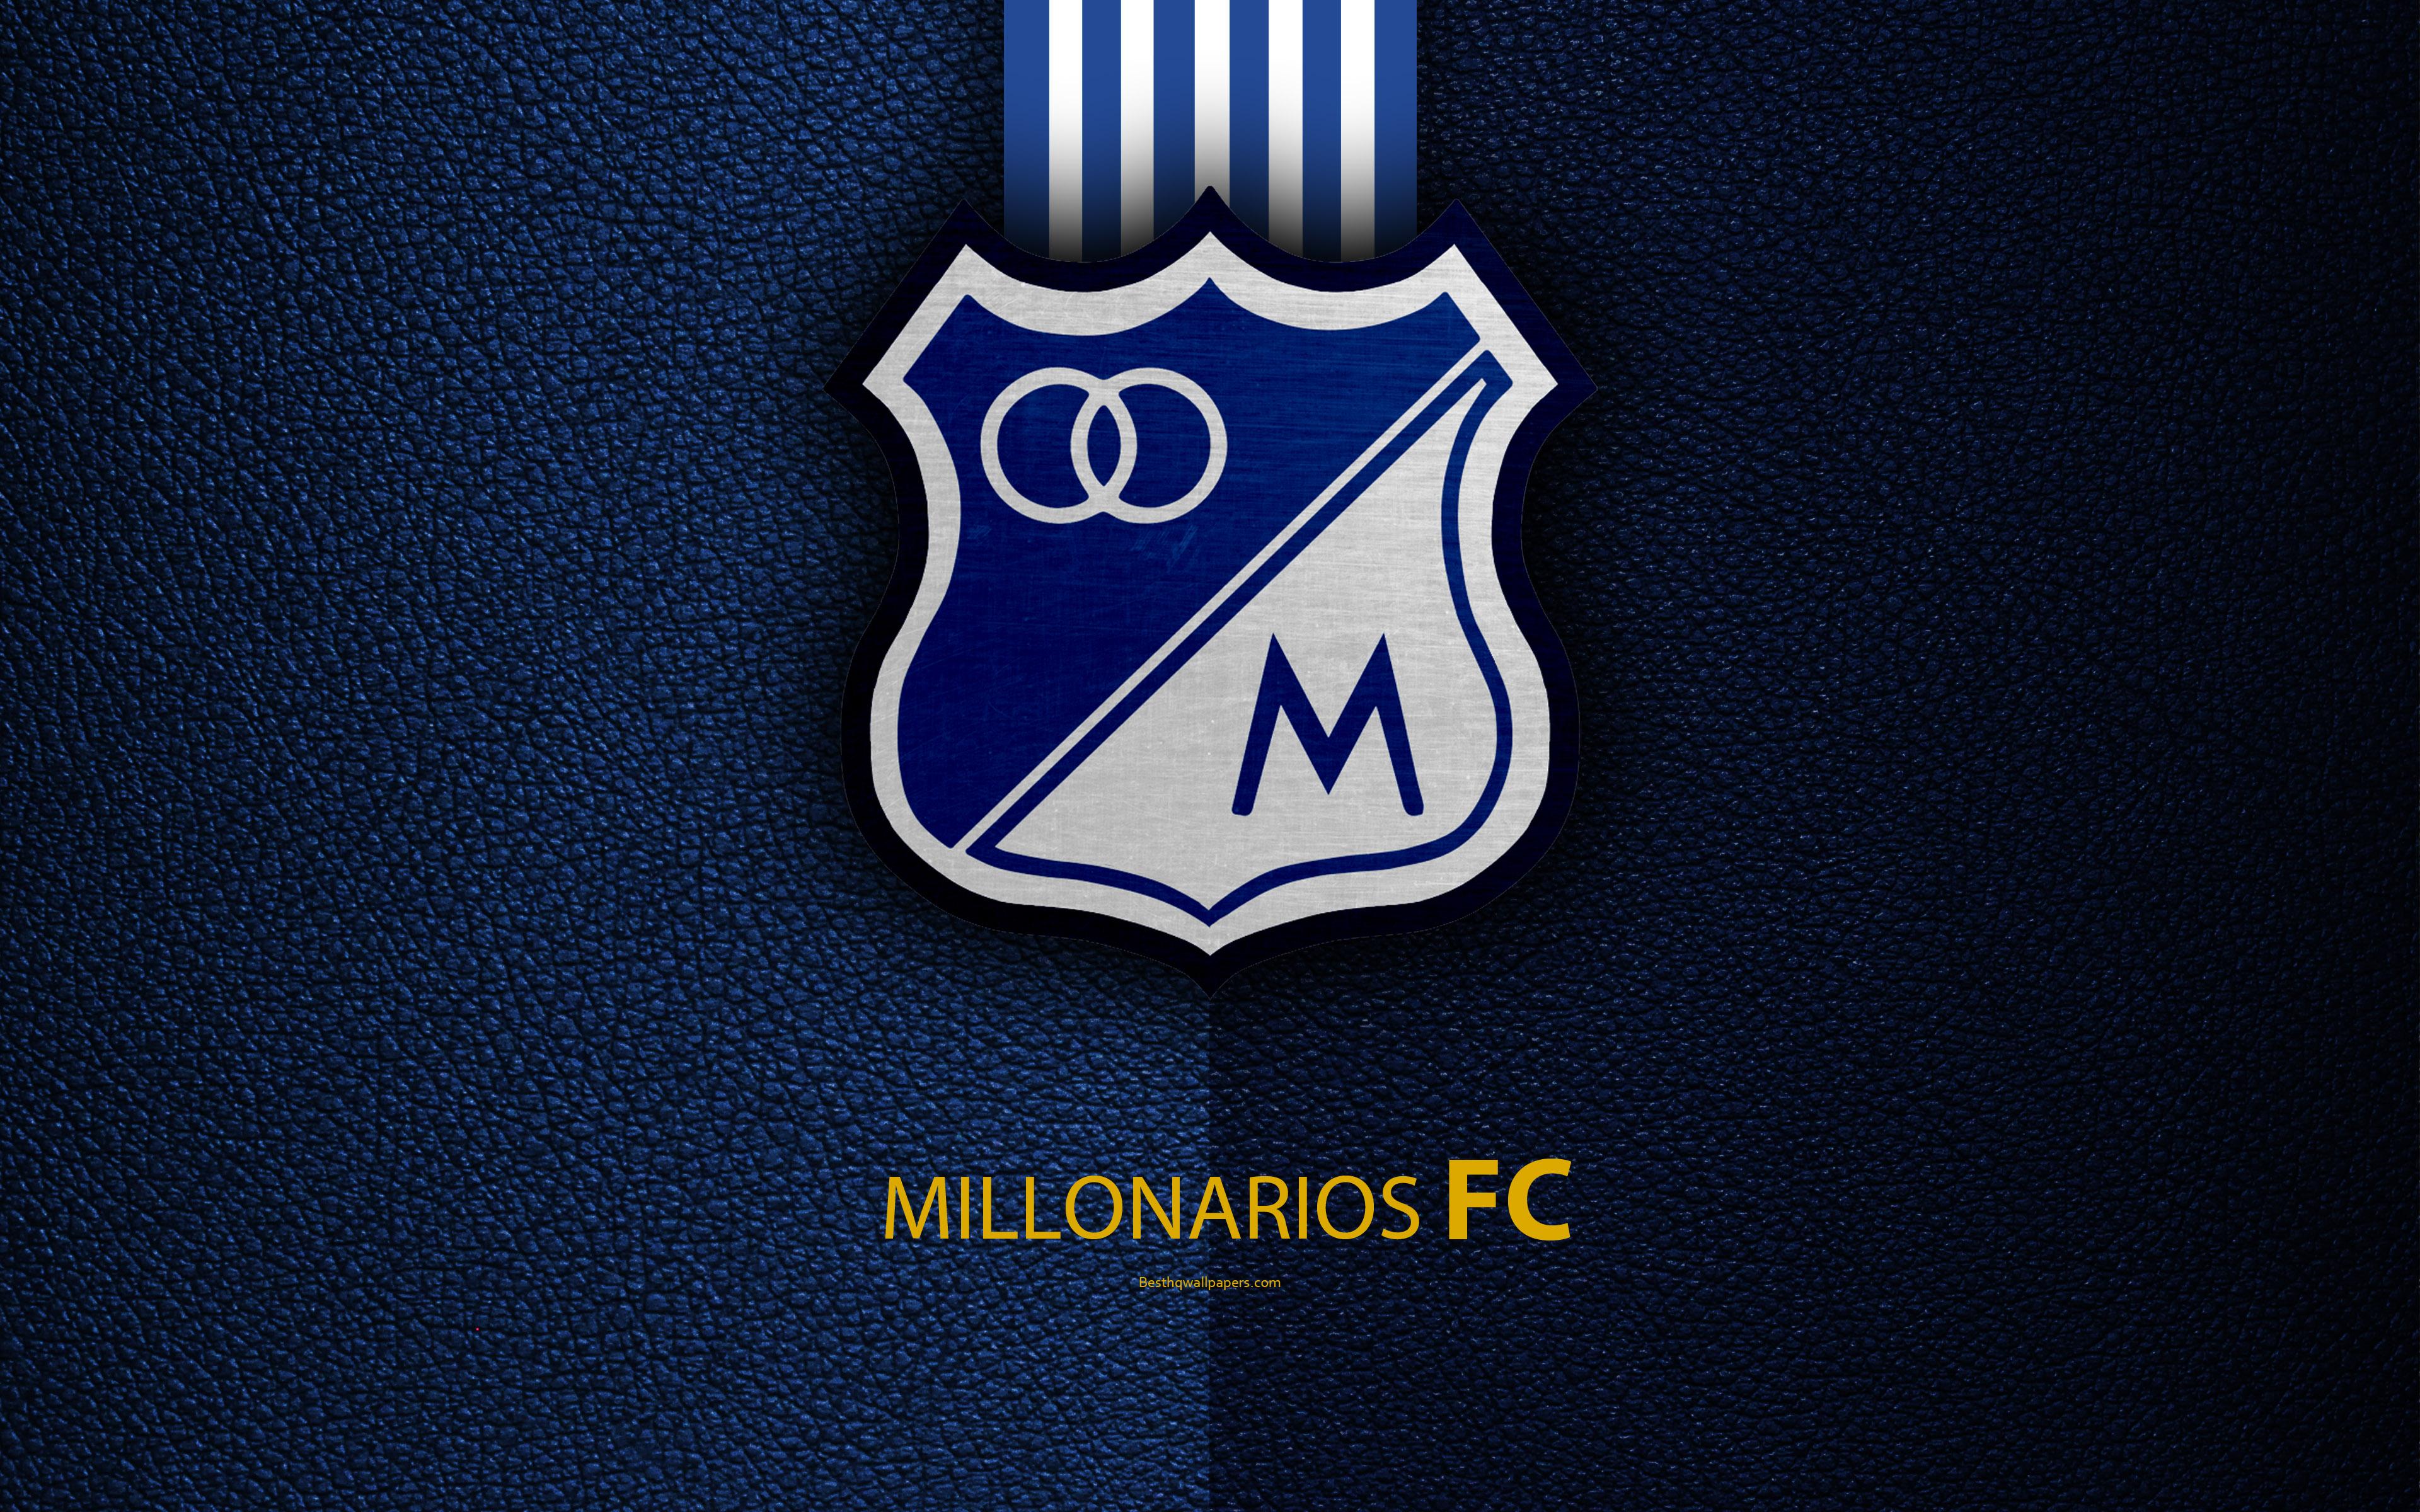 Descargar fondos de pantalla Millonarios FC 4k textura de cuero 3840x2400